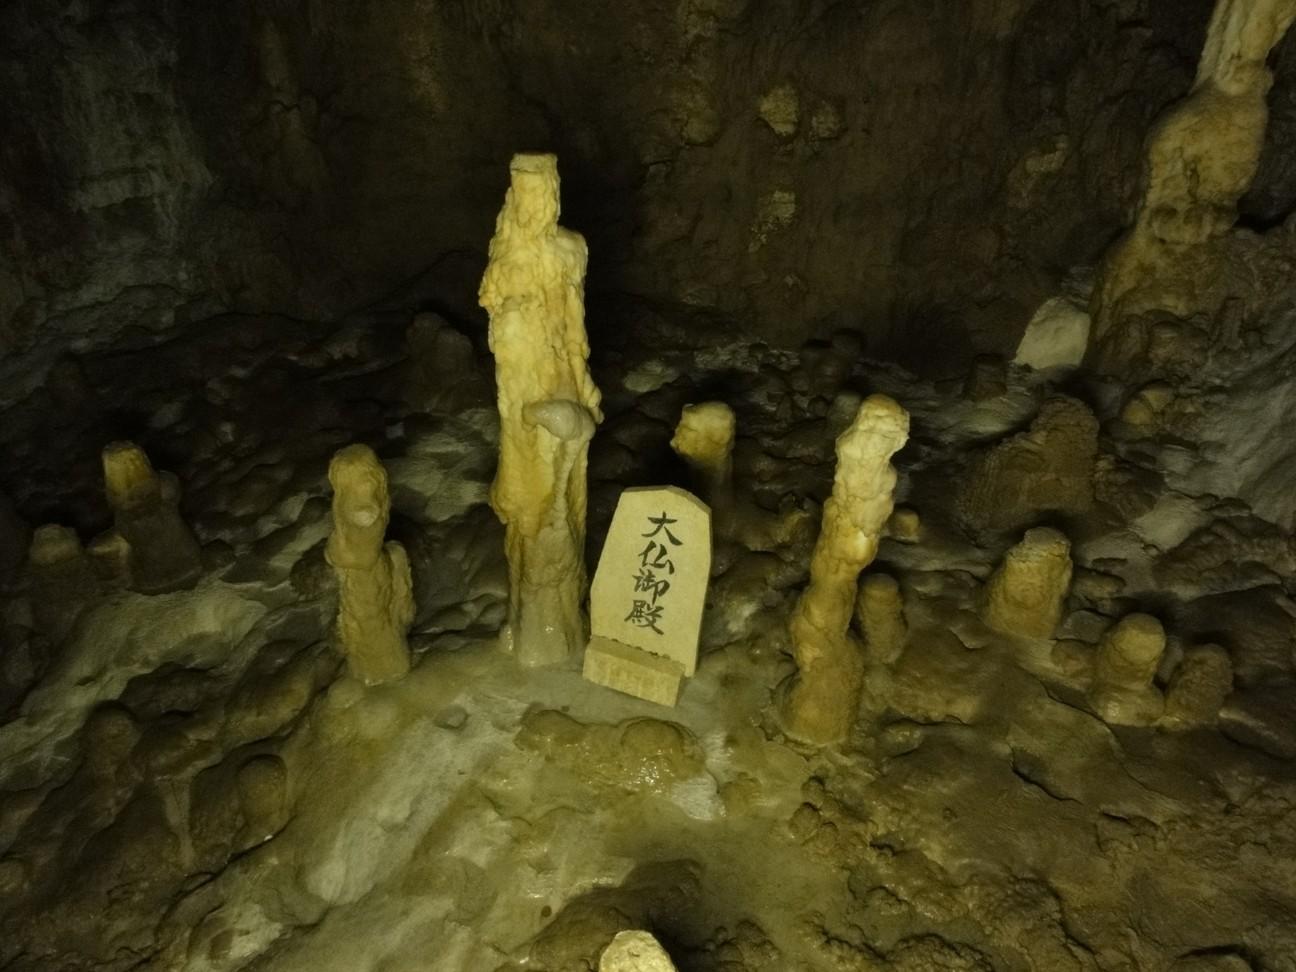 玉泉洞內鐘乳石像